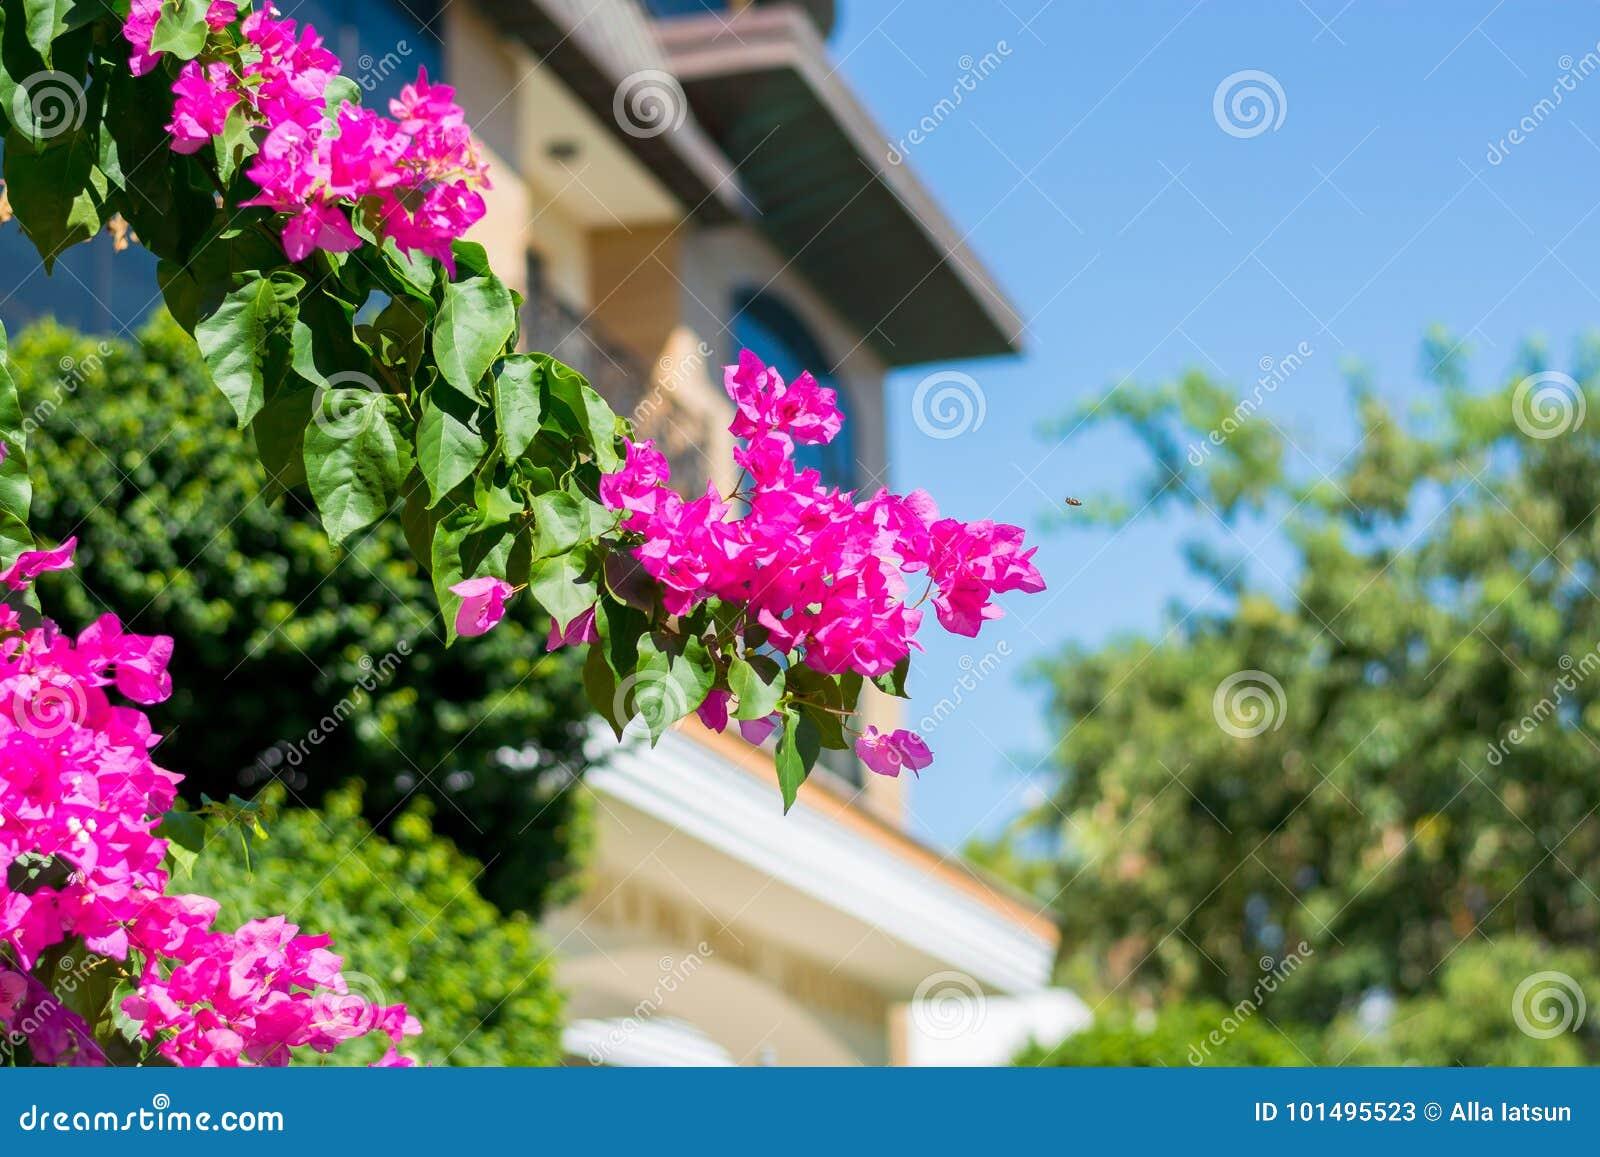 Arbusto decorativo de la flor de la buganvilla en el fondo de los BU